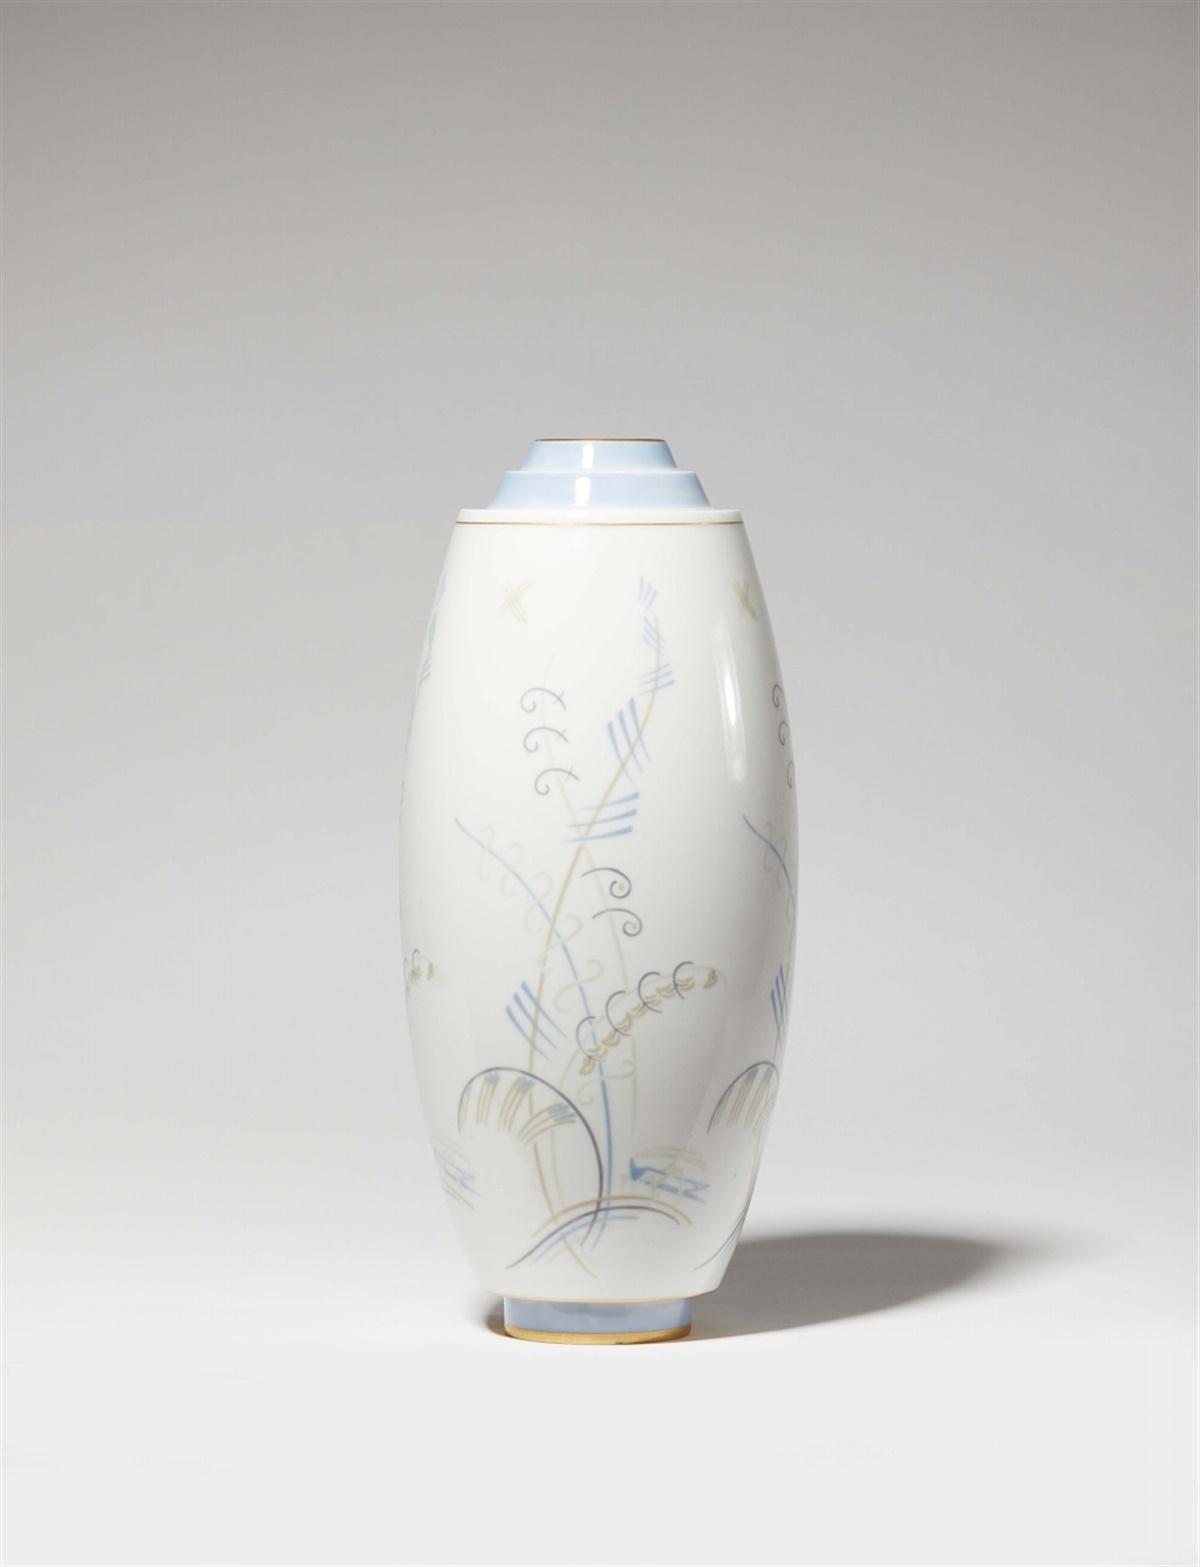 Vase Tribout N°3Porzellan, Fondbänder in Himmelblau sowie farbiger Unterglasurdekor,